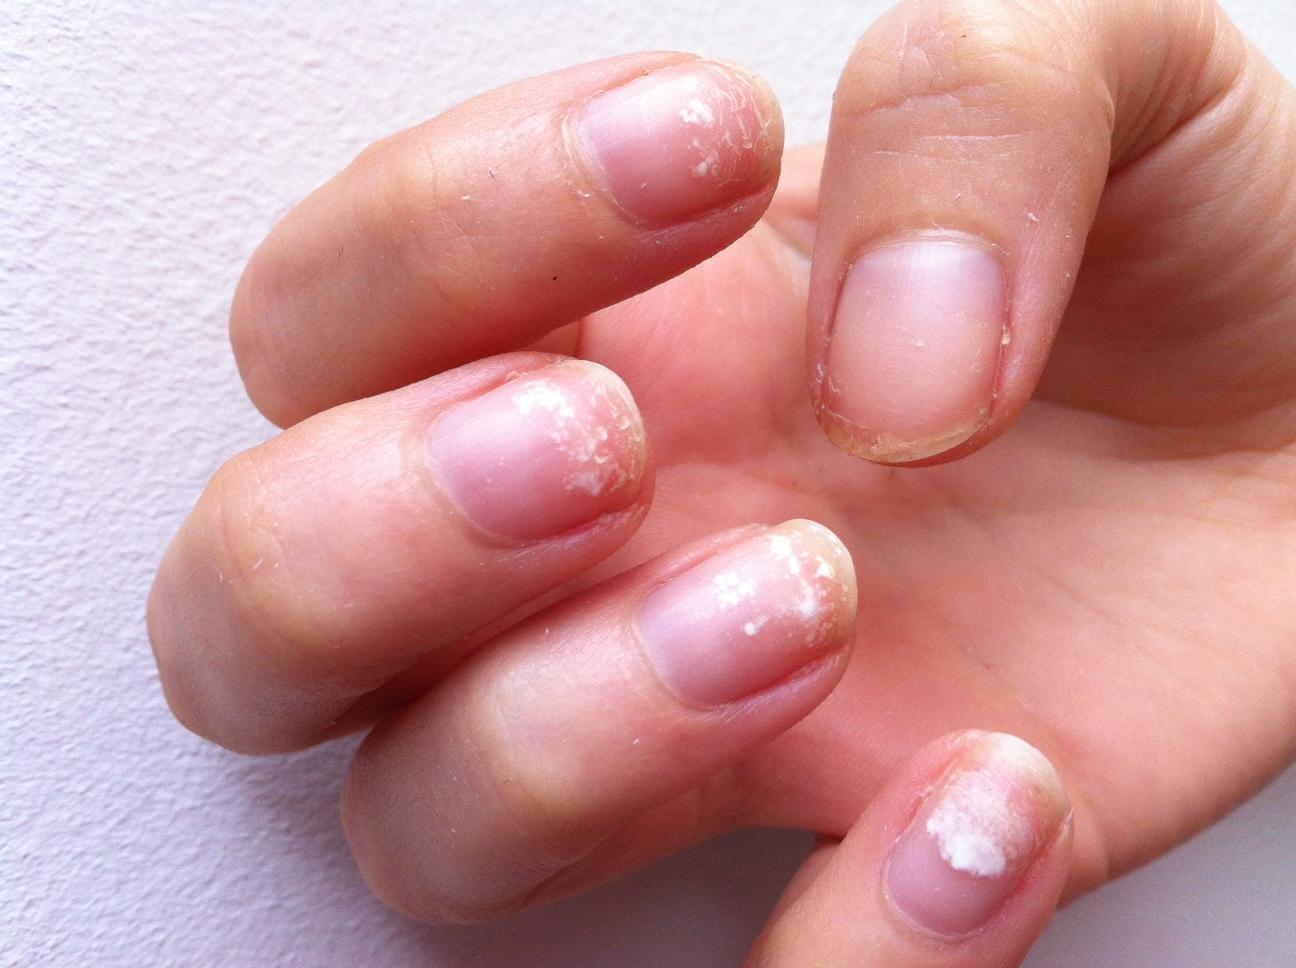 doe gel nails ruin nails photo - 2